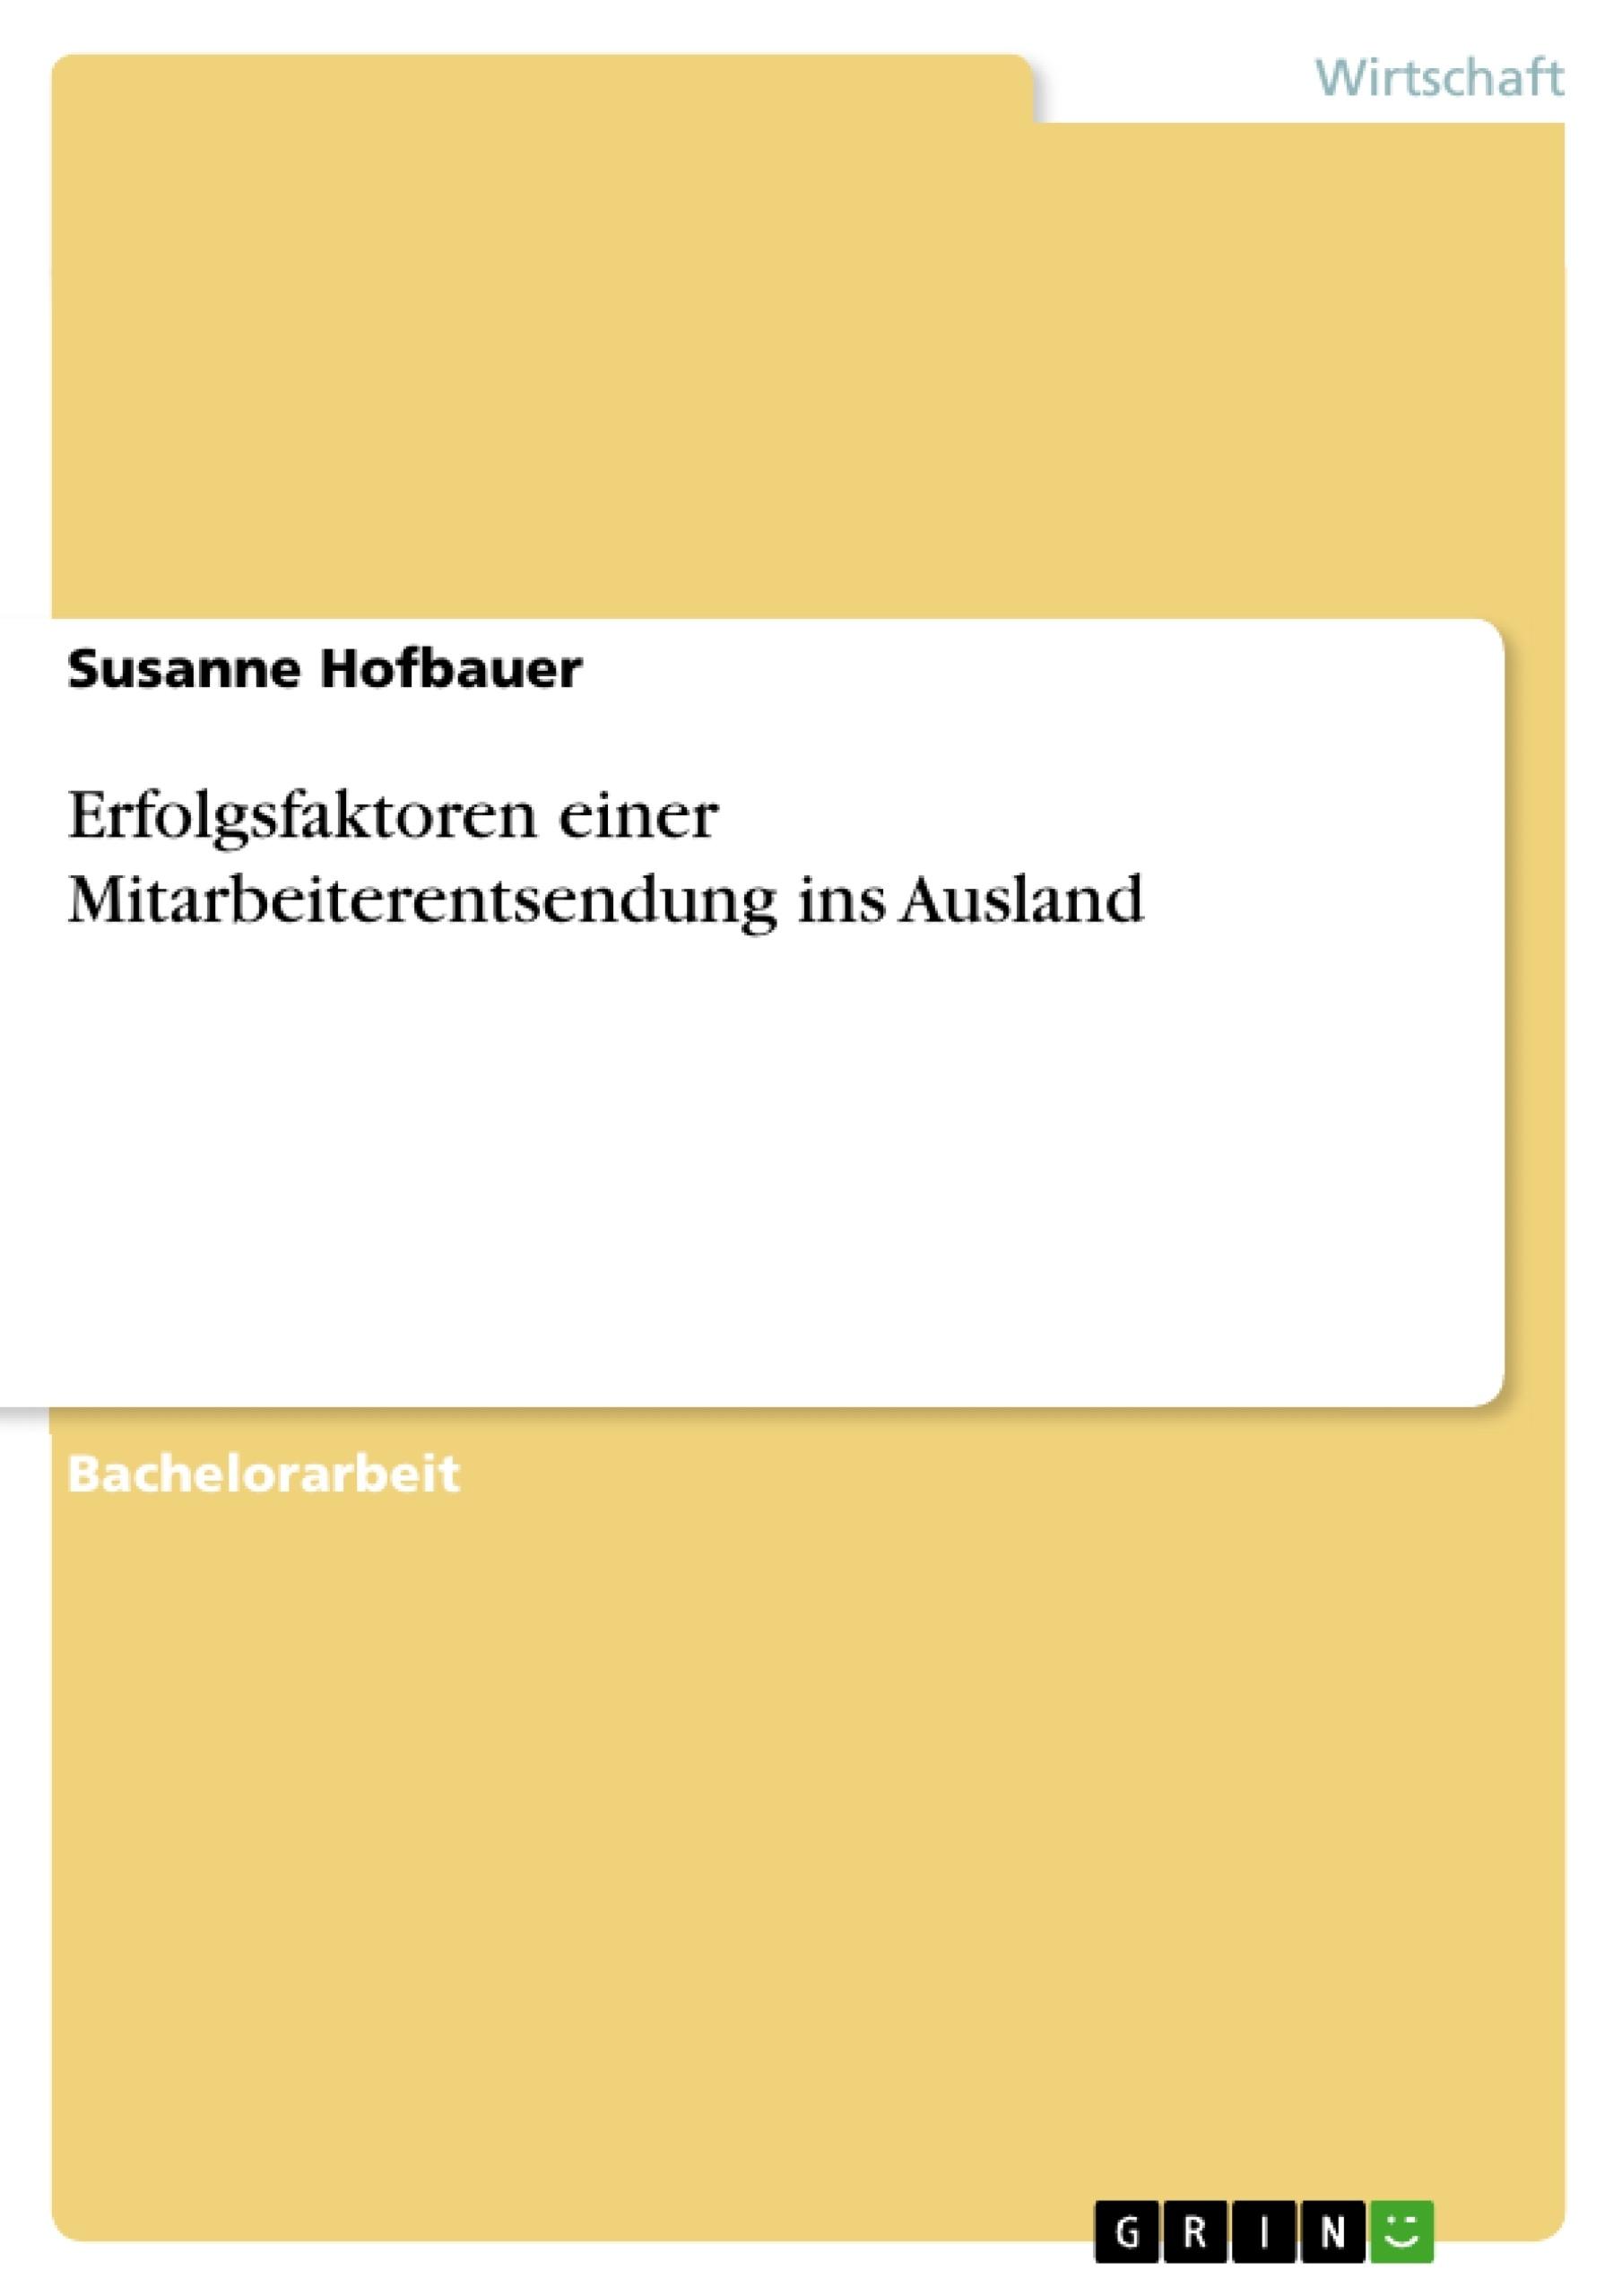 Titel: Erfolgsfaktoren einer Mitarbeiterentsendung ins Ausland